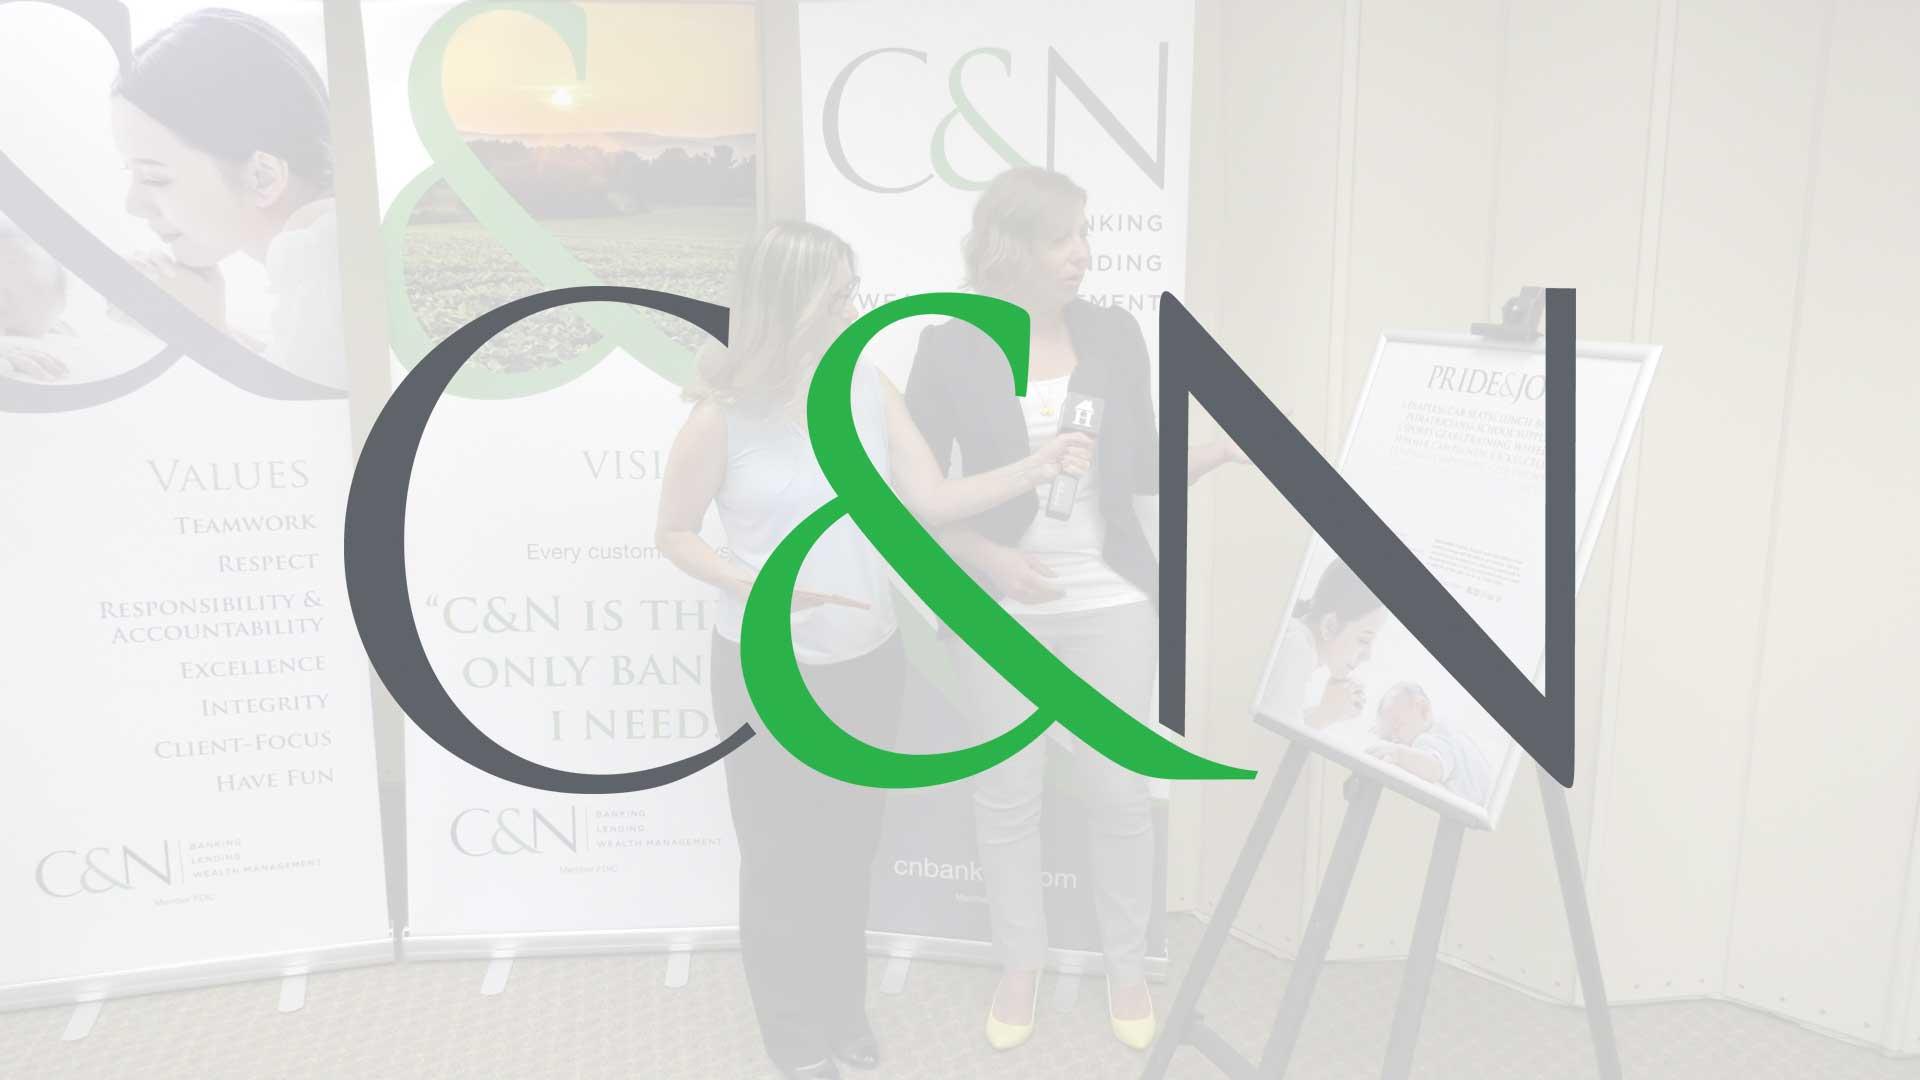 C&N's New Look!